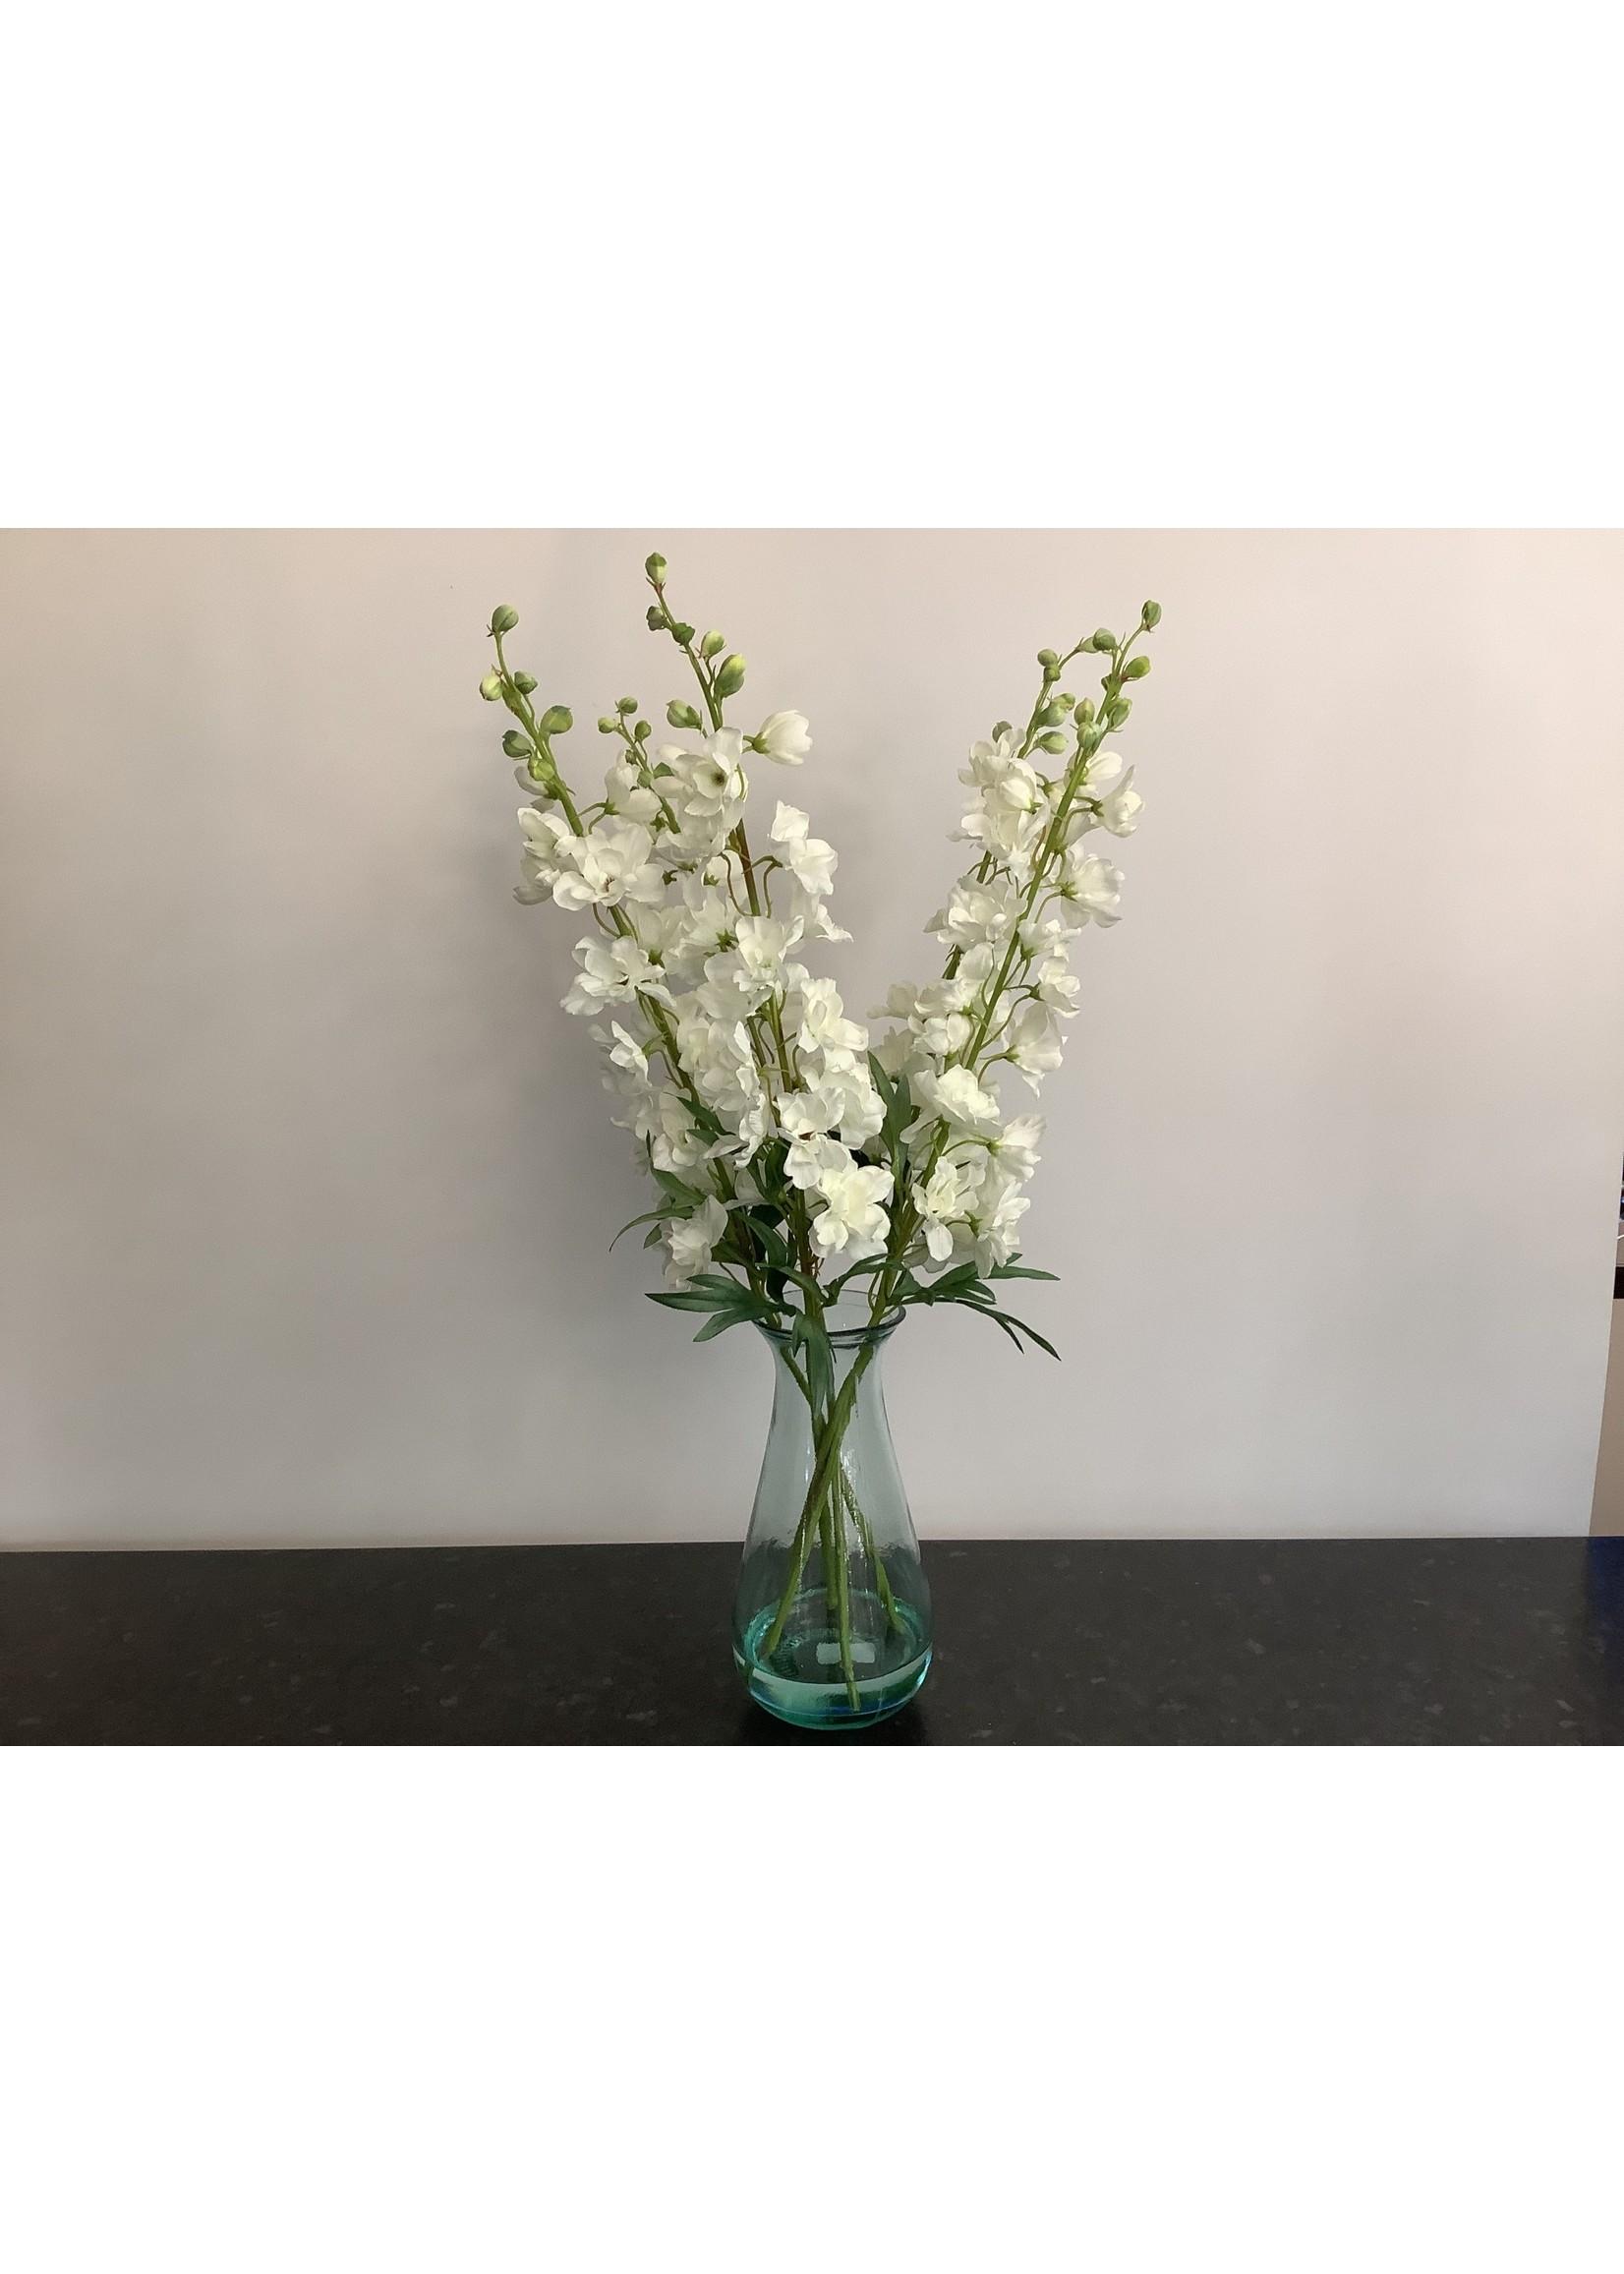 Delphinium flower vase 70cm tall